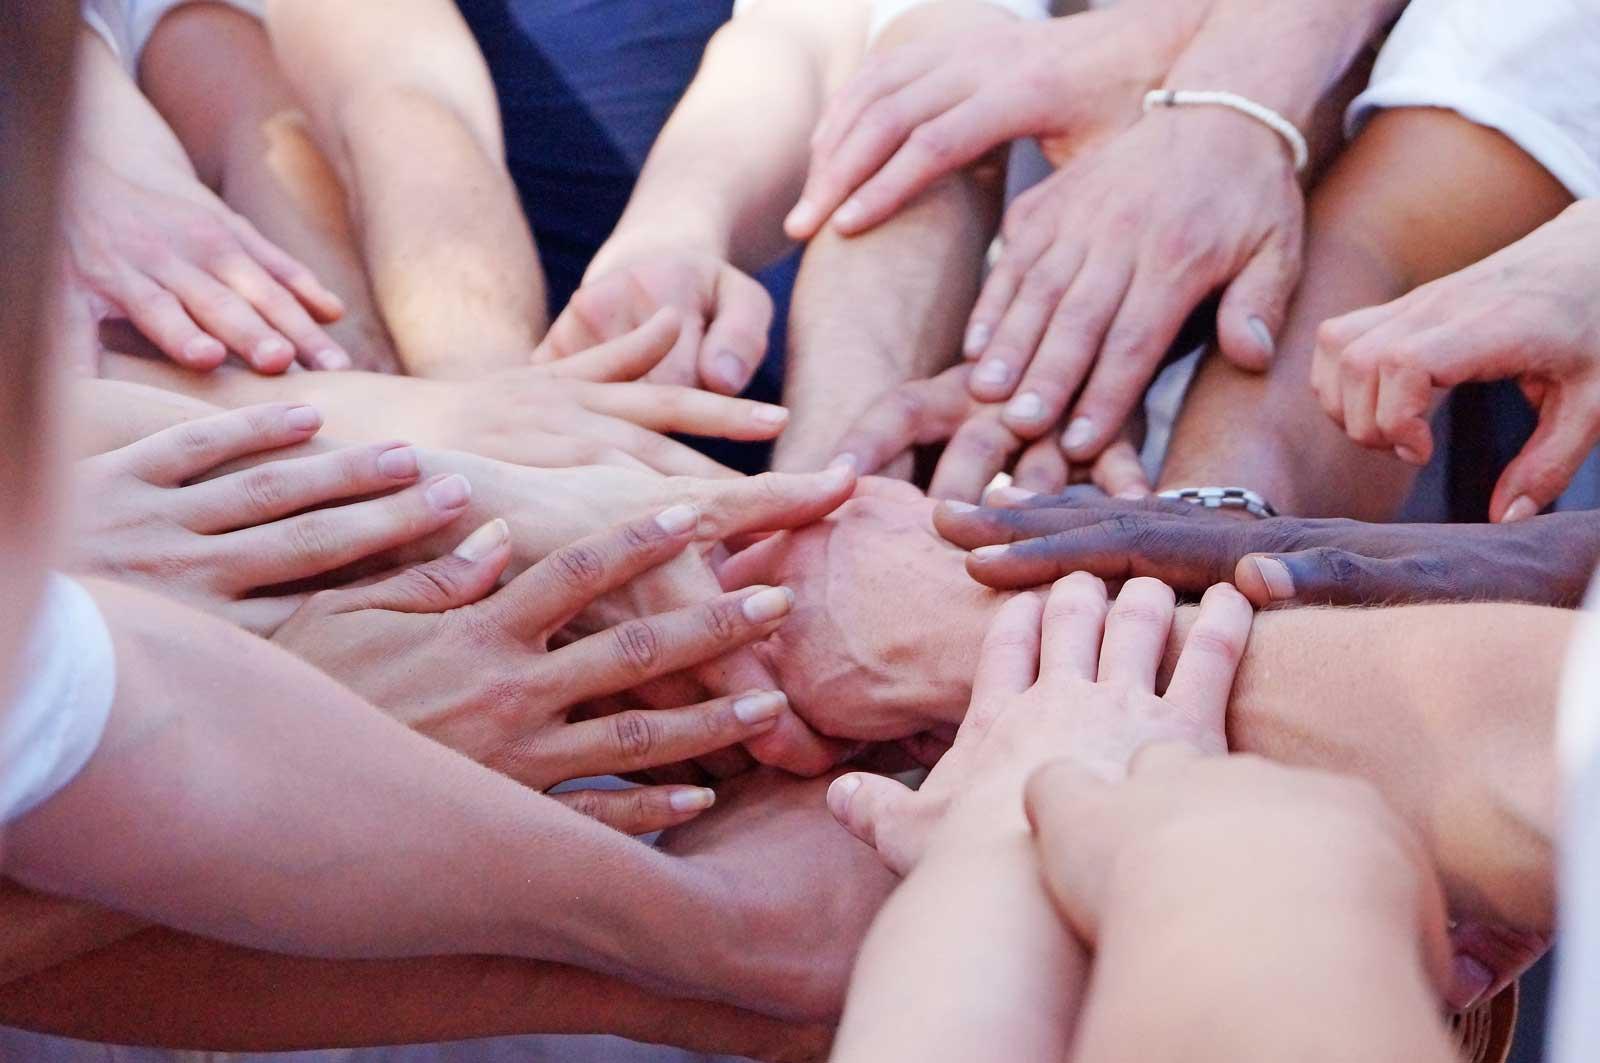 Capoeira Akademie Berlin: viele Hände nach dem Training